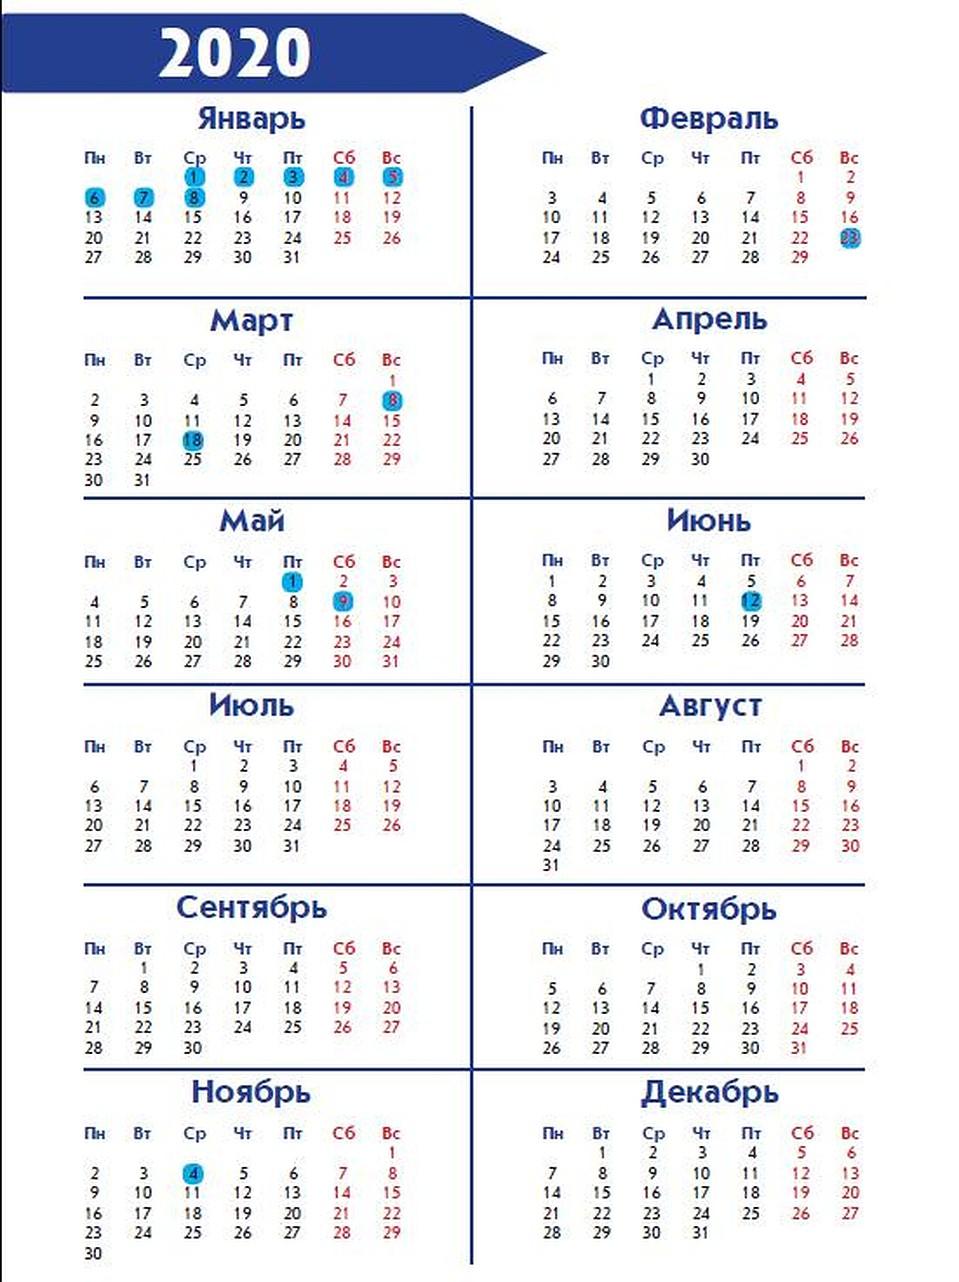 Depo Provera Calendar 2020 | Calendar For Planning for Depo Provera Calendar 2020 Printable